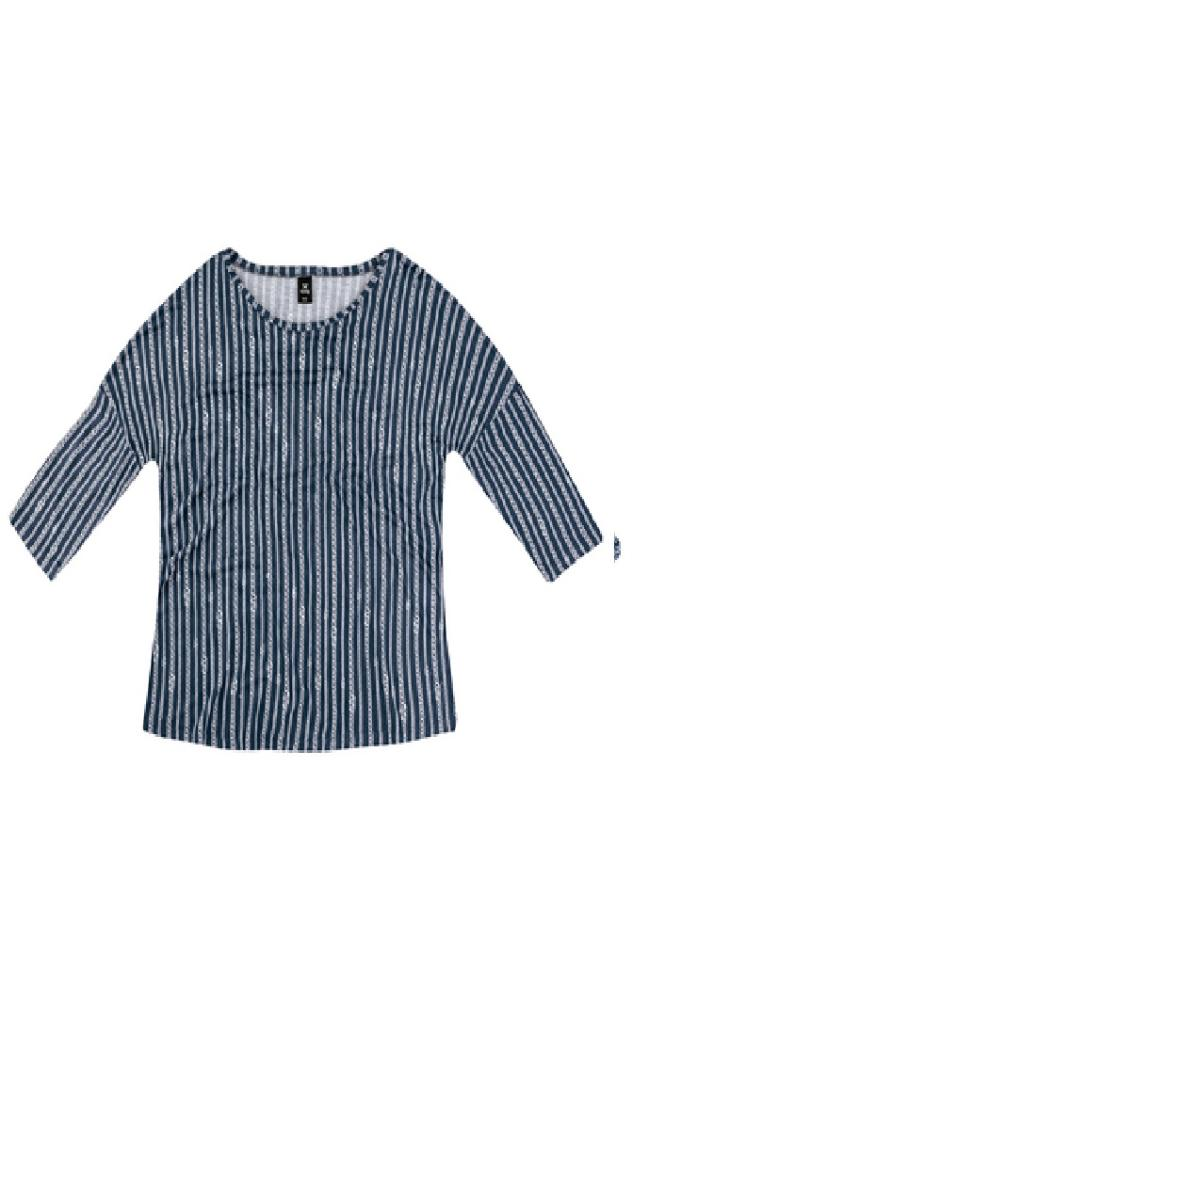 Blusa Feminina Hering 4e27 2ben Azul/branco